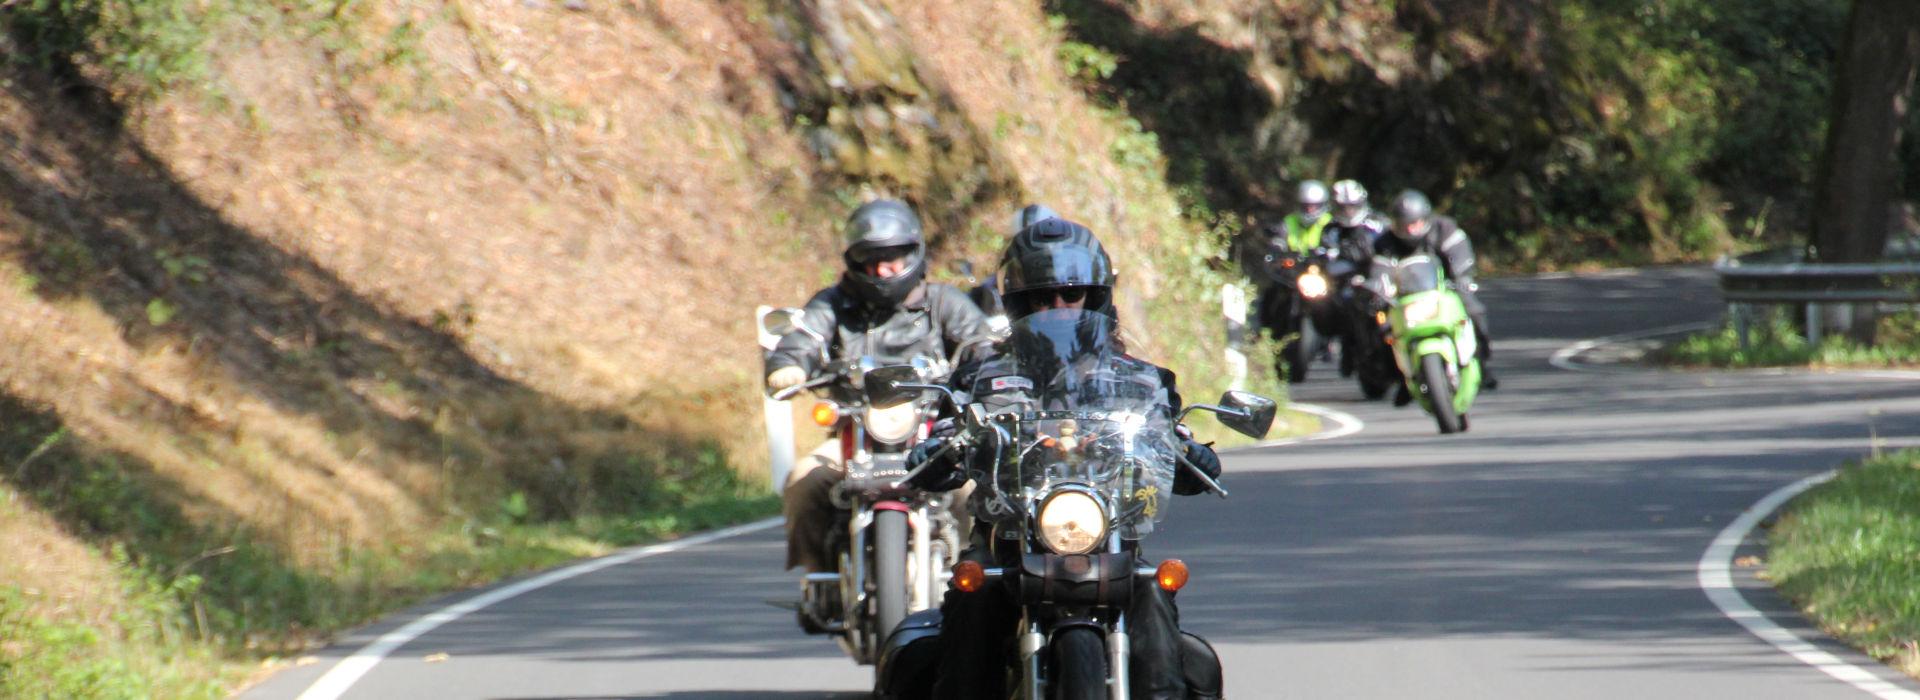 Motorrijschool Motorrijbewijspoint Boxtel motorrijlessen